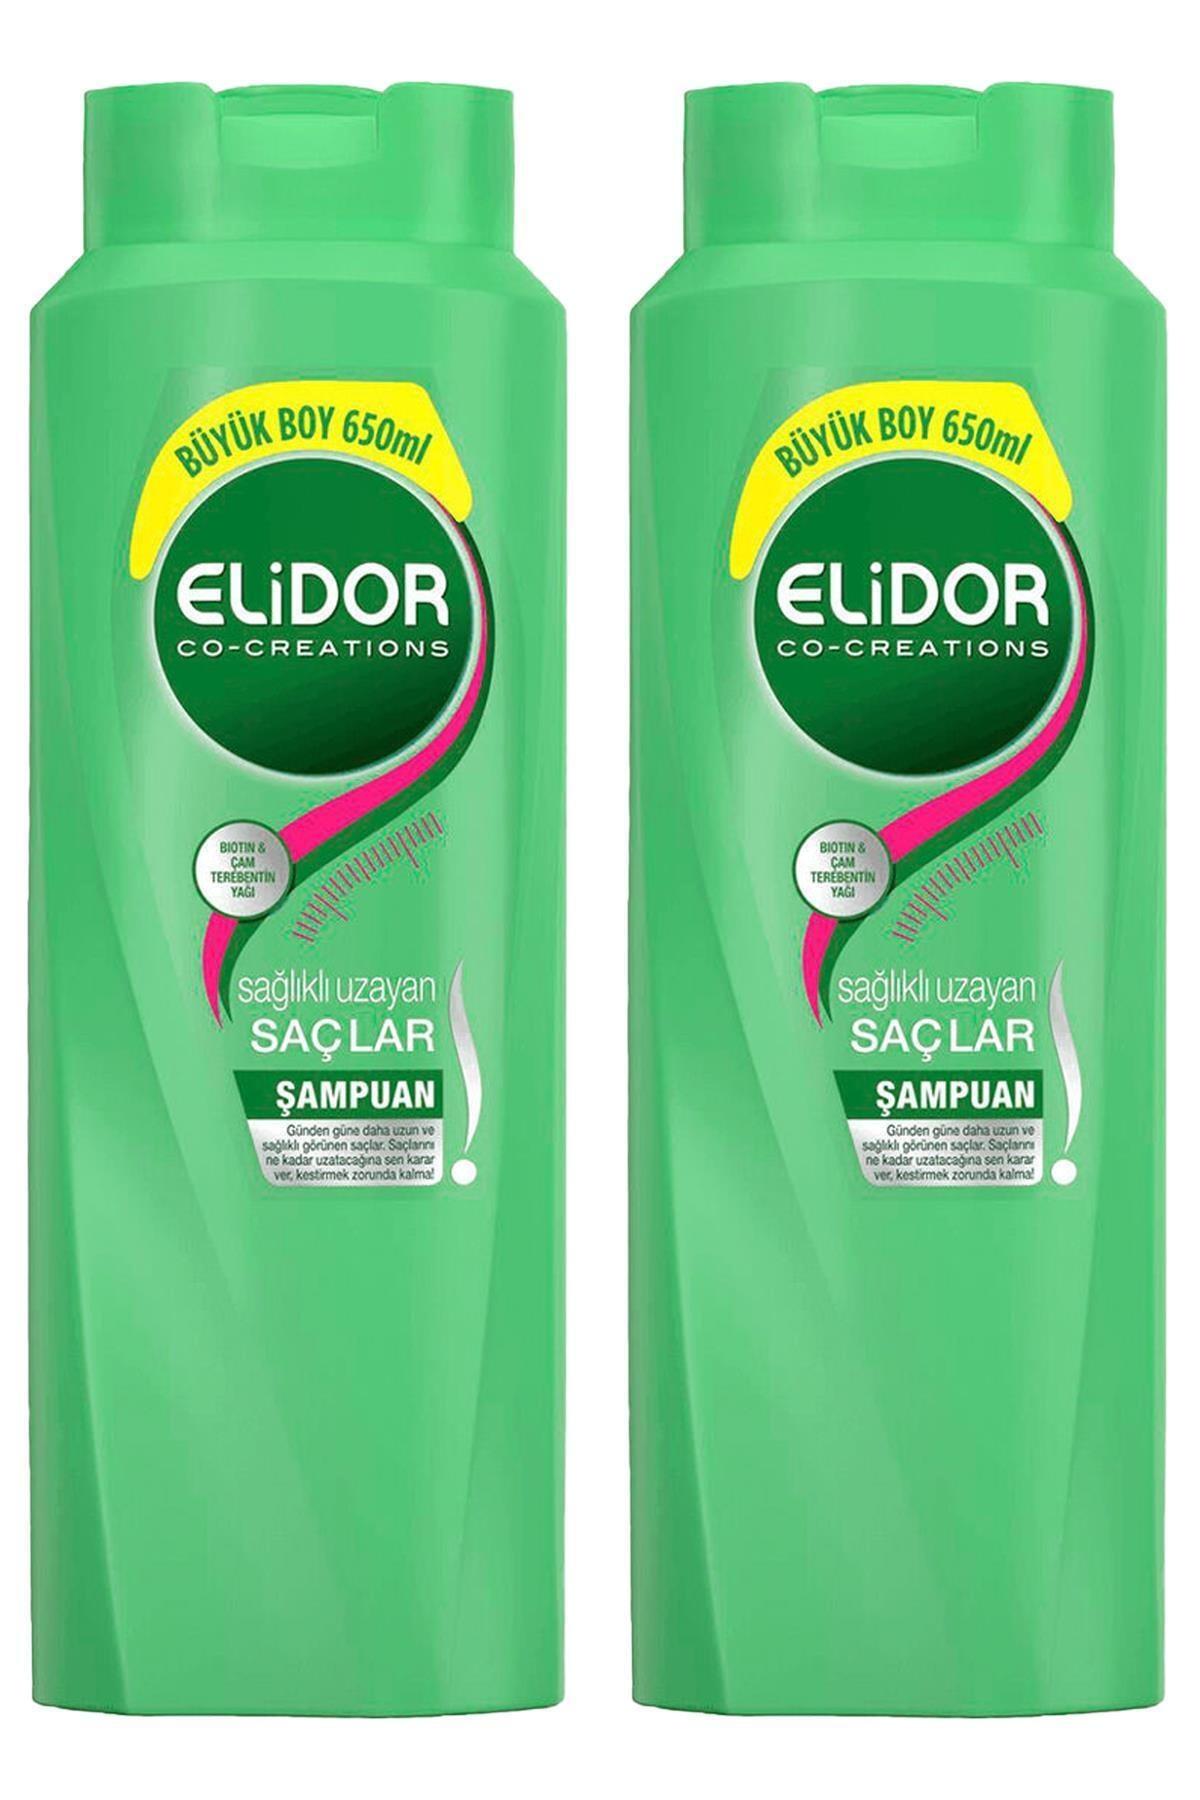 Elidor Elıdor Şampuan Sağlıklı Uzayan Saçlar 650 Ml ( 2 Adet ) 1